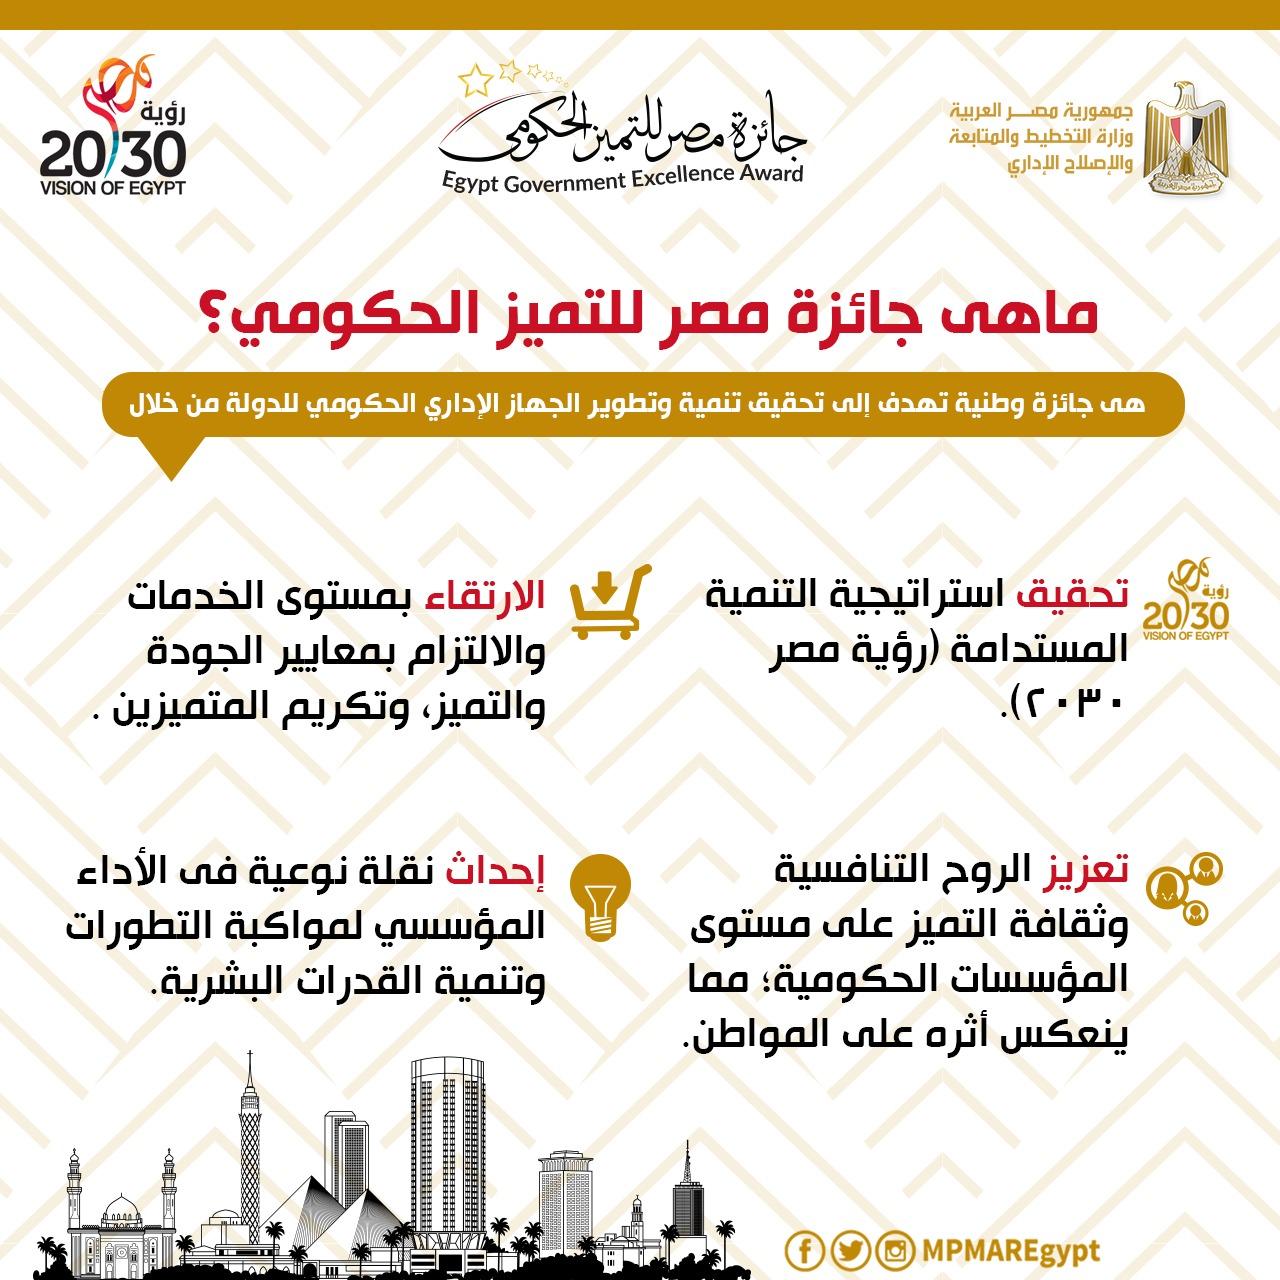 تعريف جائزة مصر للتميز الحكومى